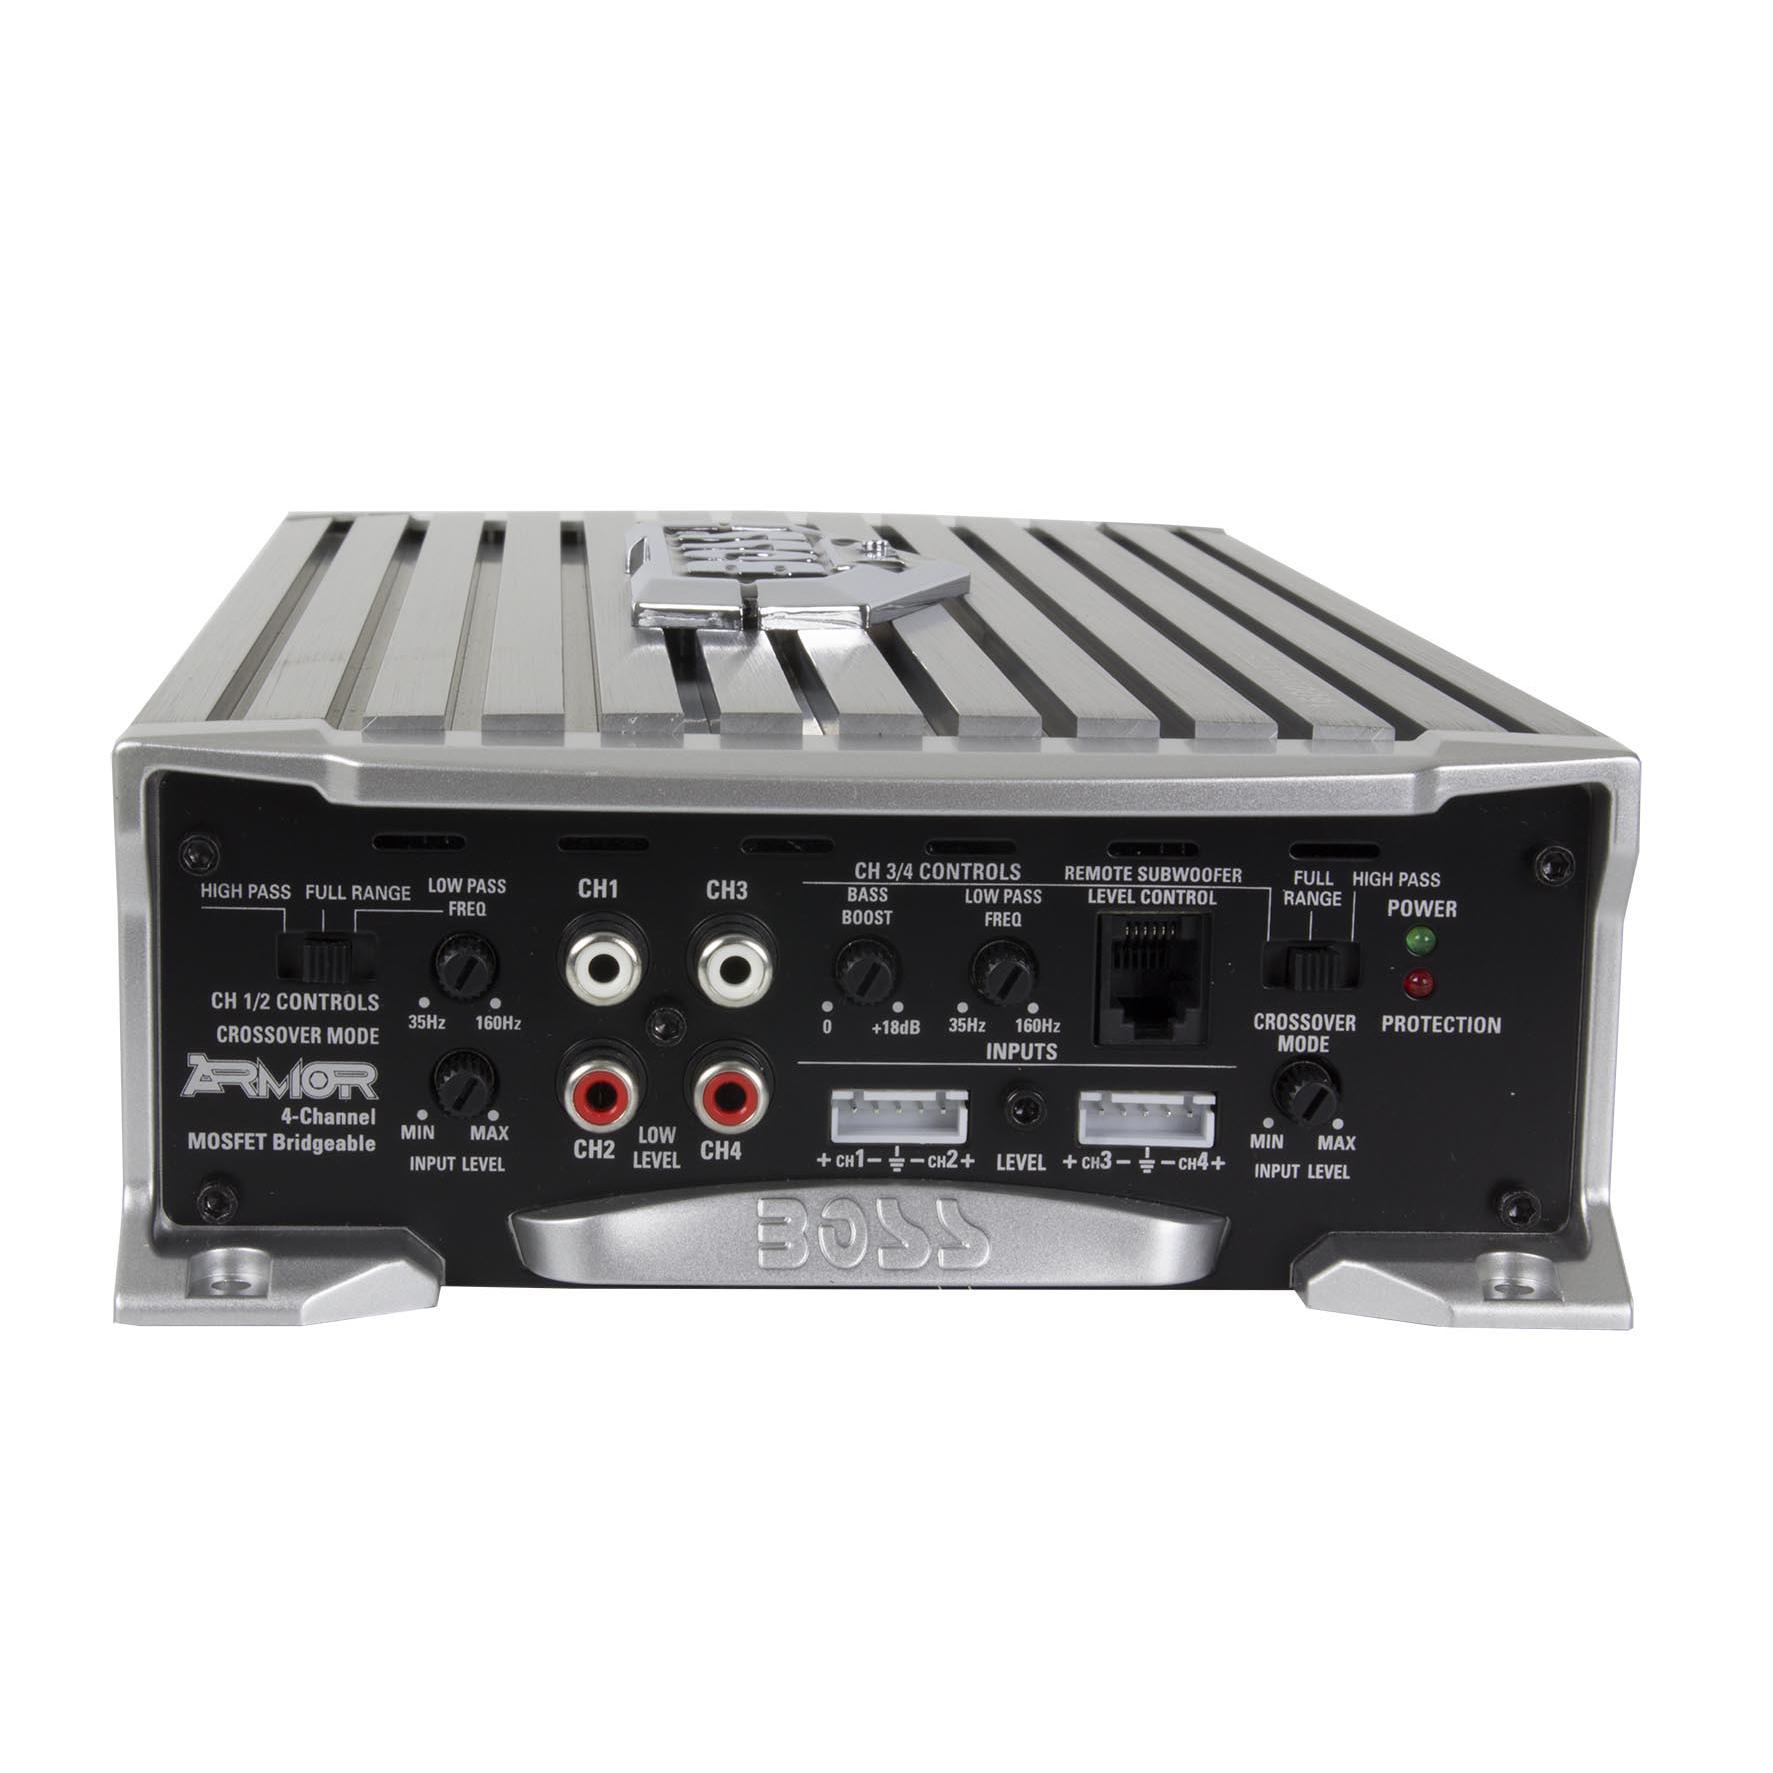 Boss Audio 1600 Watt 4 Channel Car Amplifier Power With Remote Wiring Kit 1600w Digital Bridgeable Pro Don T Ar16004